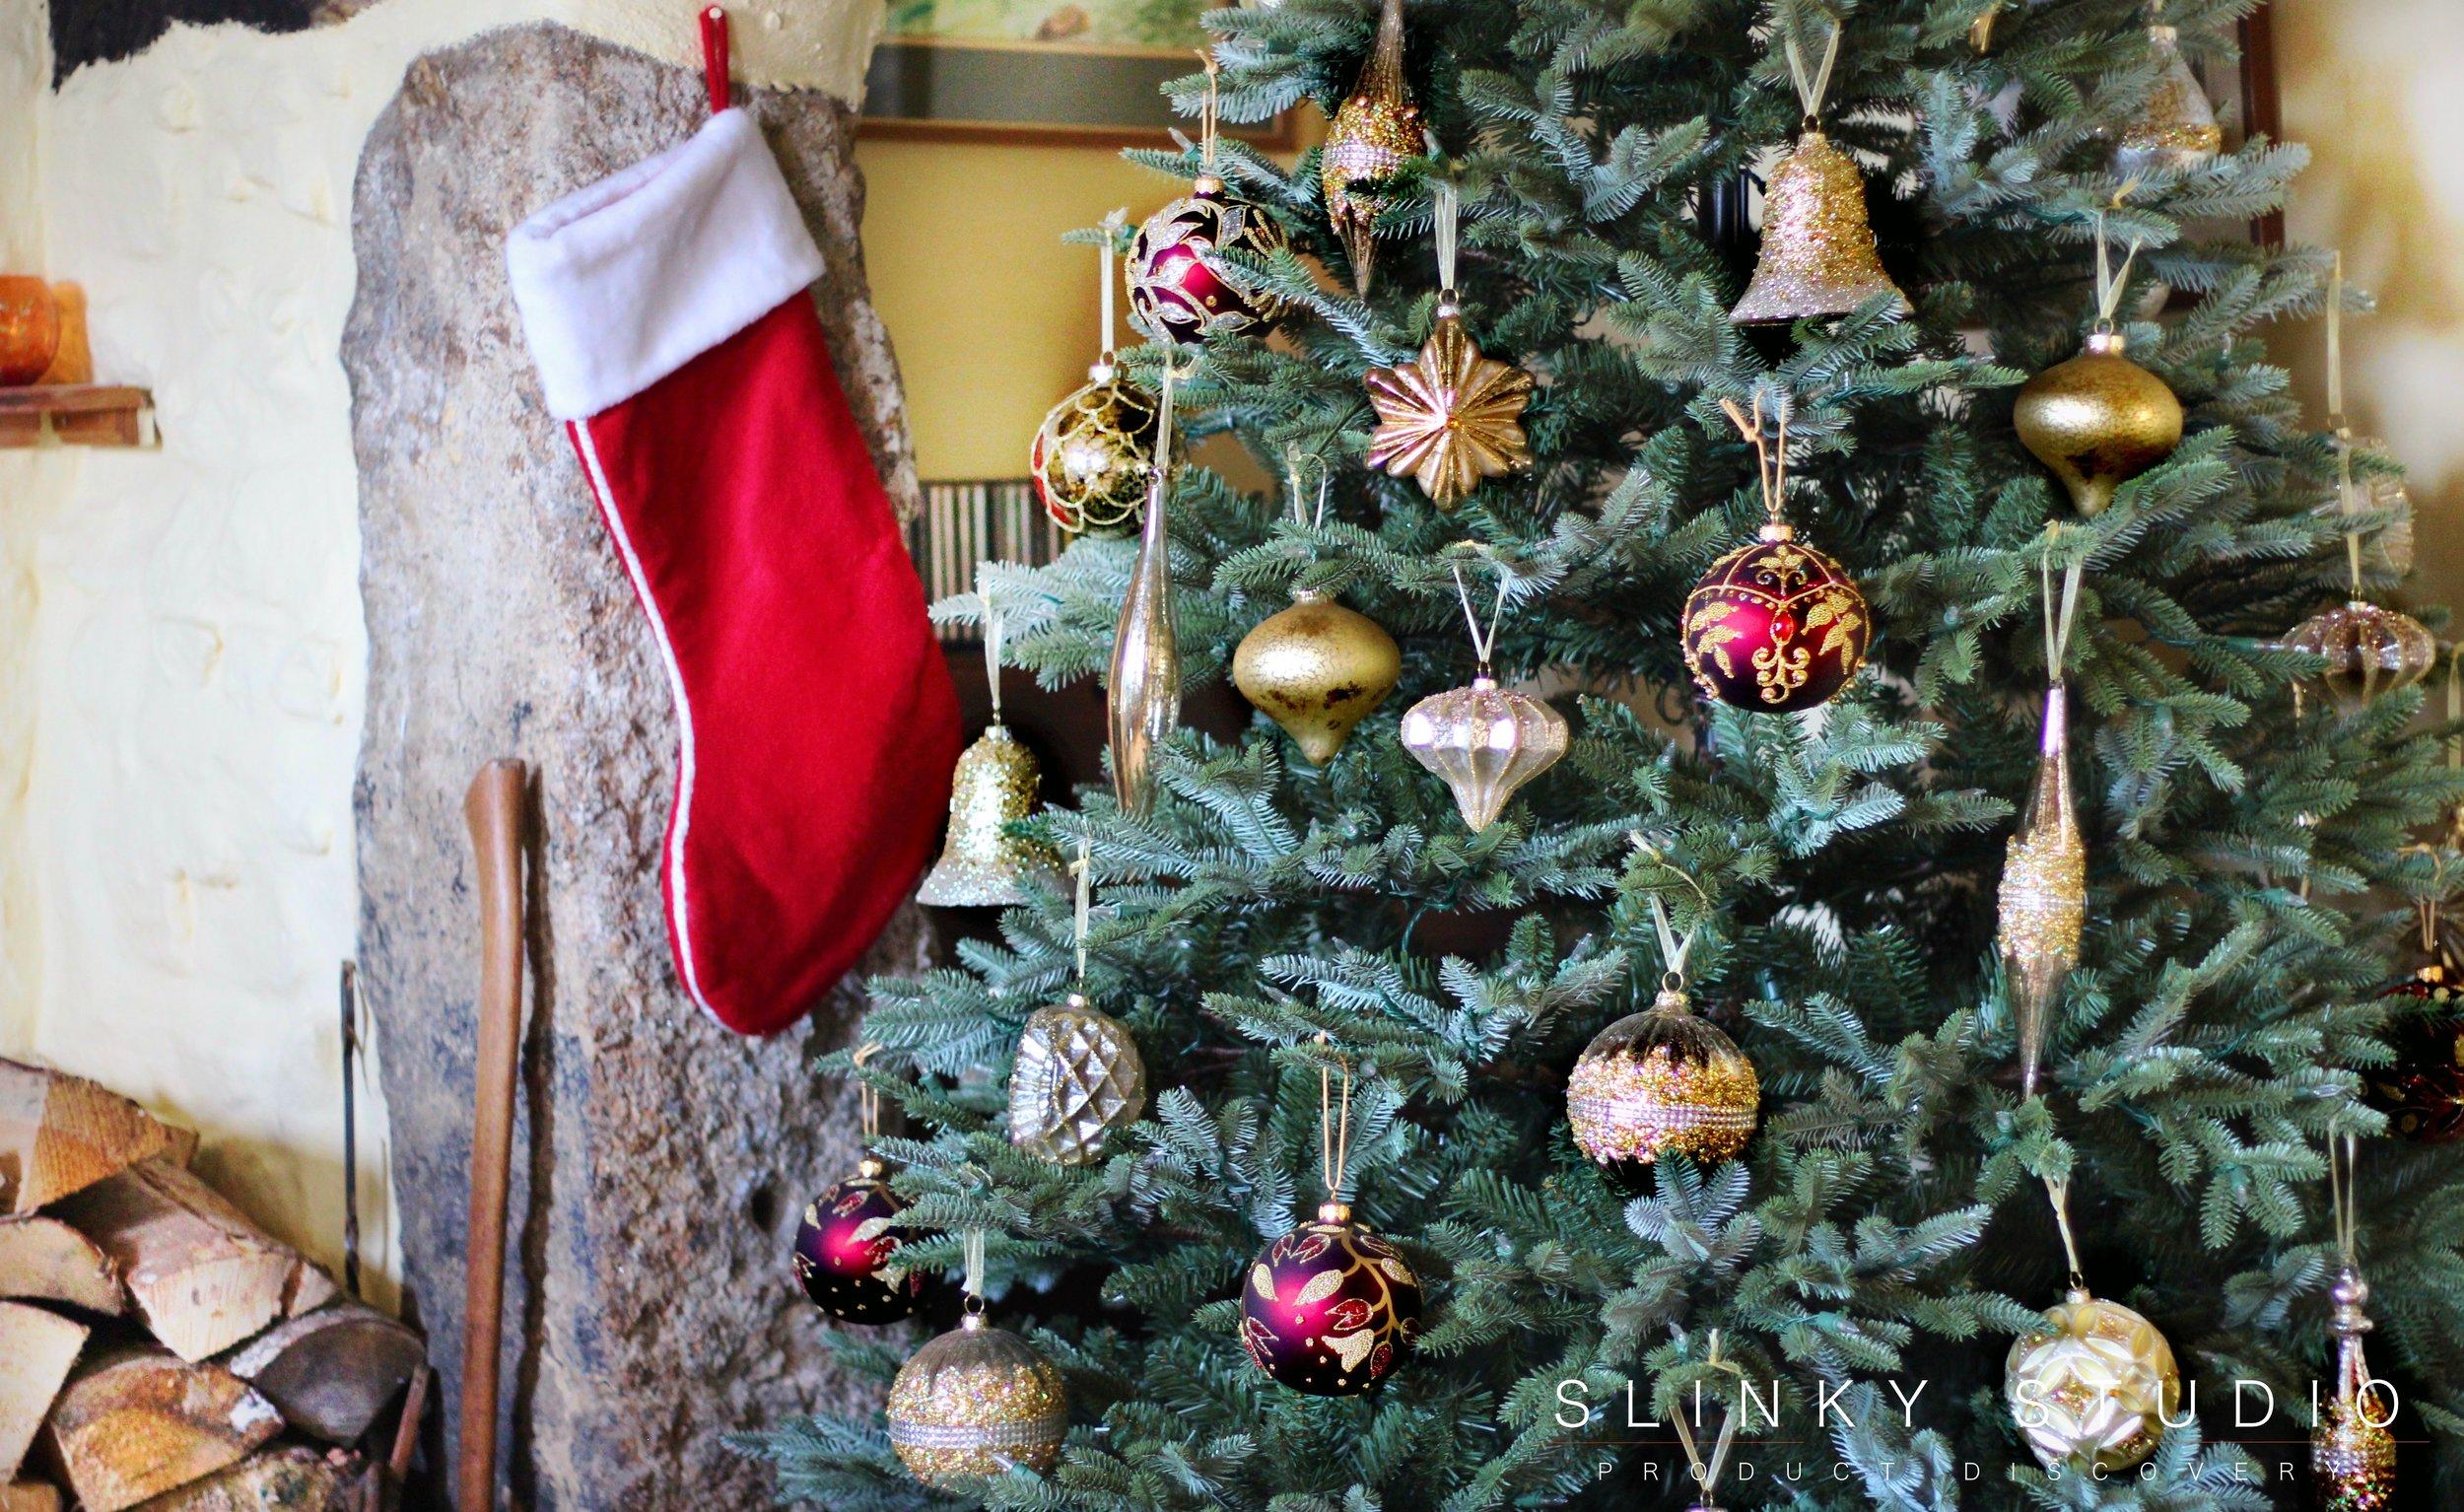 Balsam Hill Fraser Fir Christmas Tree Burgandy Hand Made Baubles Feature.jpg